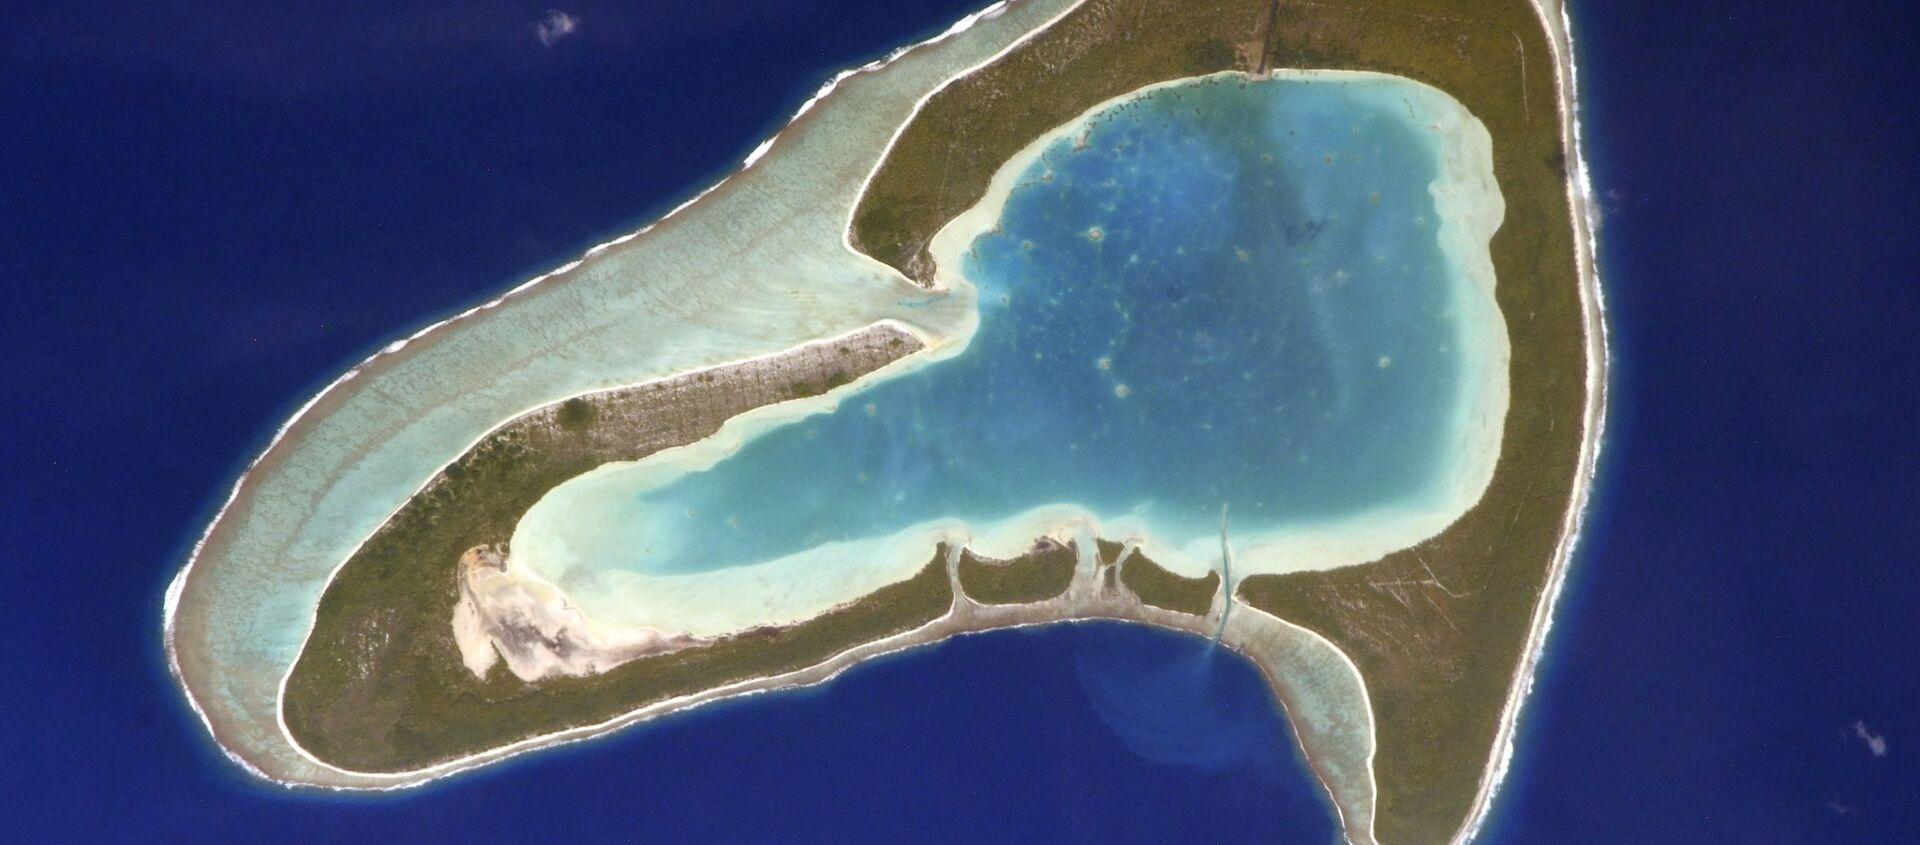 Ostrov Tūpai ve Francouzské Polynésii připomínájící svým tvarem srdce. Autorem fotografie je ruský kosmonaut Sergej Kuď-Sverčkov z paluby ISS. - Sputnik Česká republika, 1920, 18.02.2021